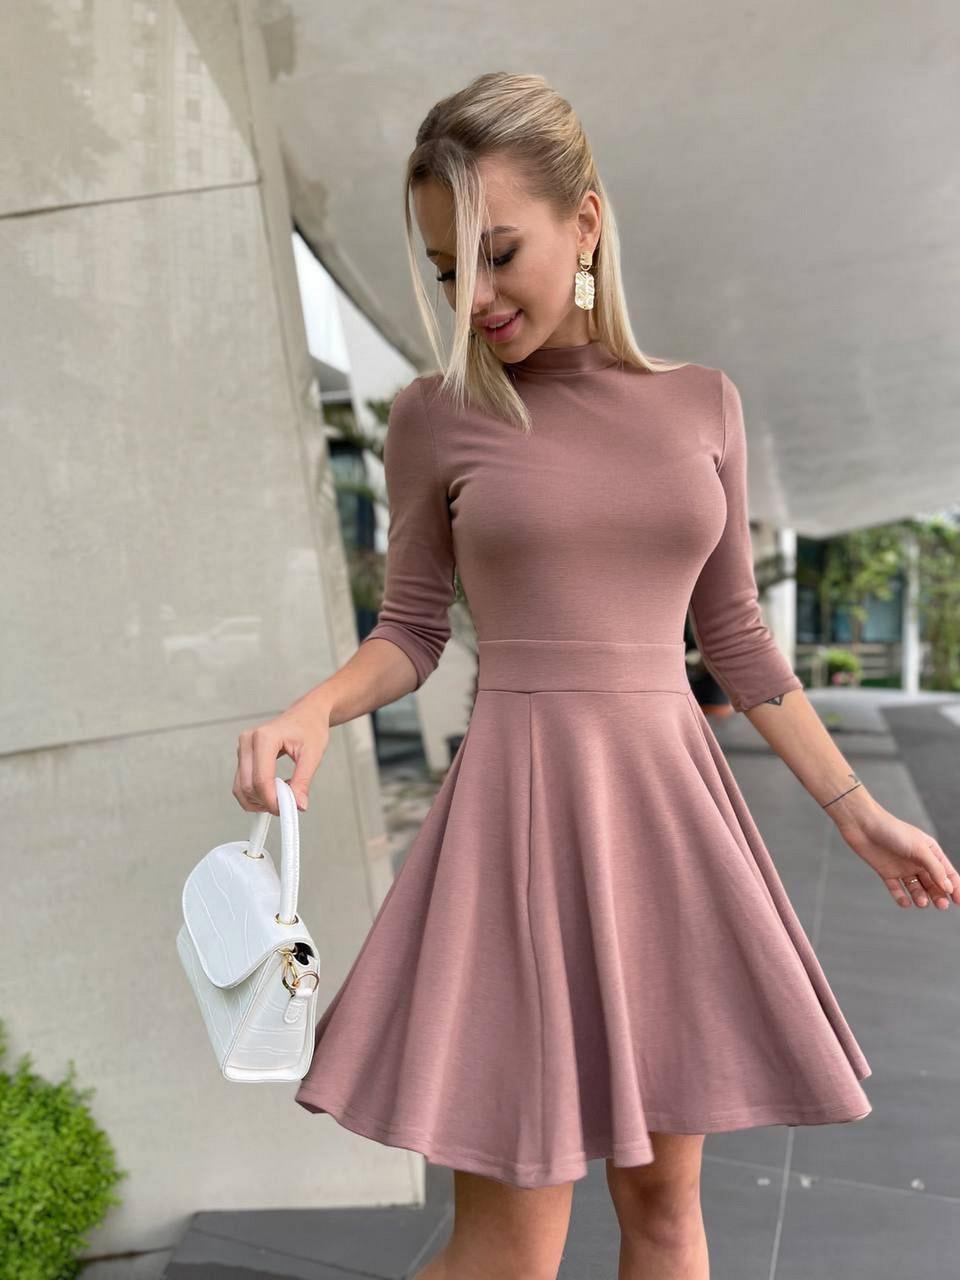 Коротке жіноче плаття, рукав три чверті, потайна змійка, 00891 (Мокко), Розмір 42 (S)